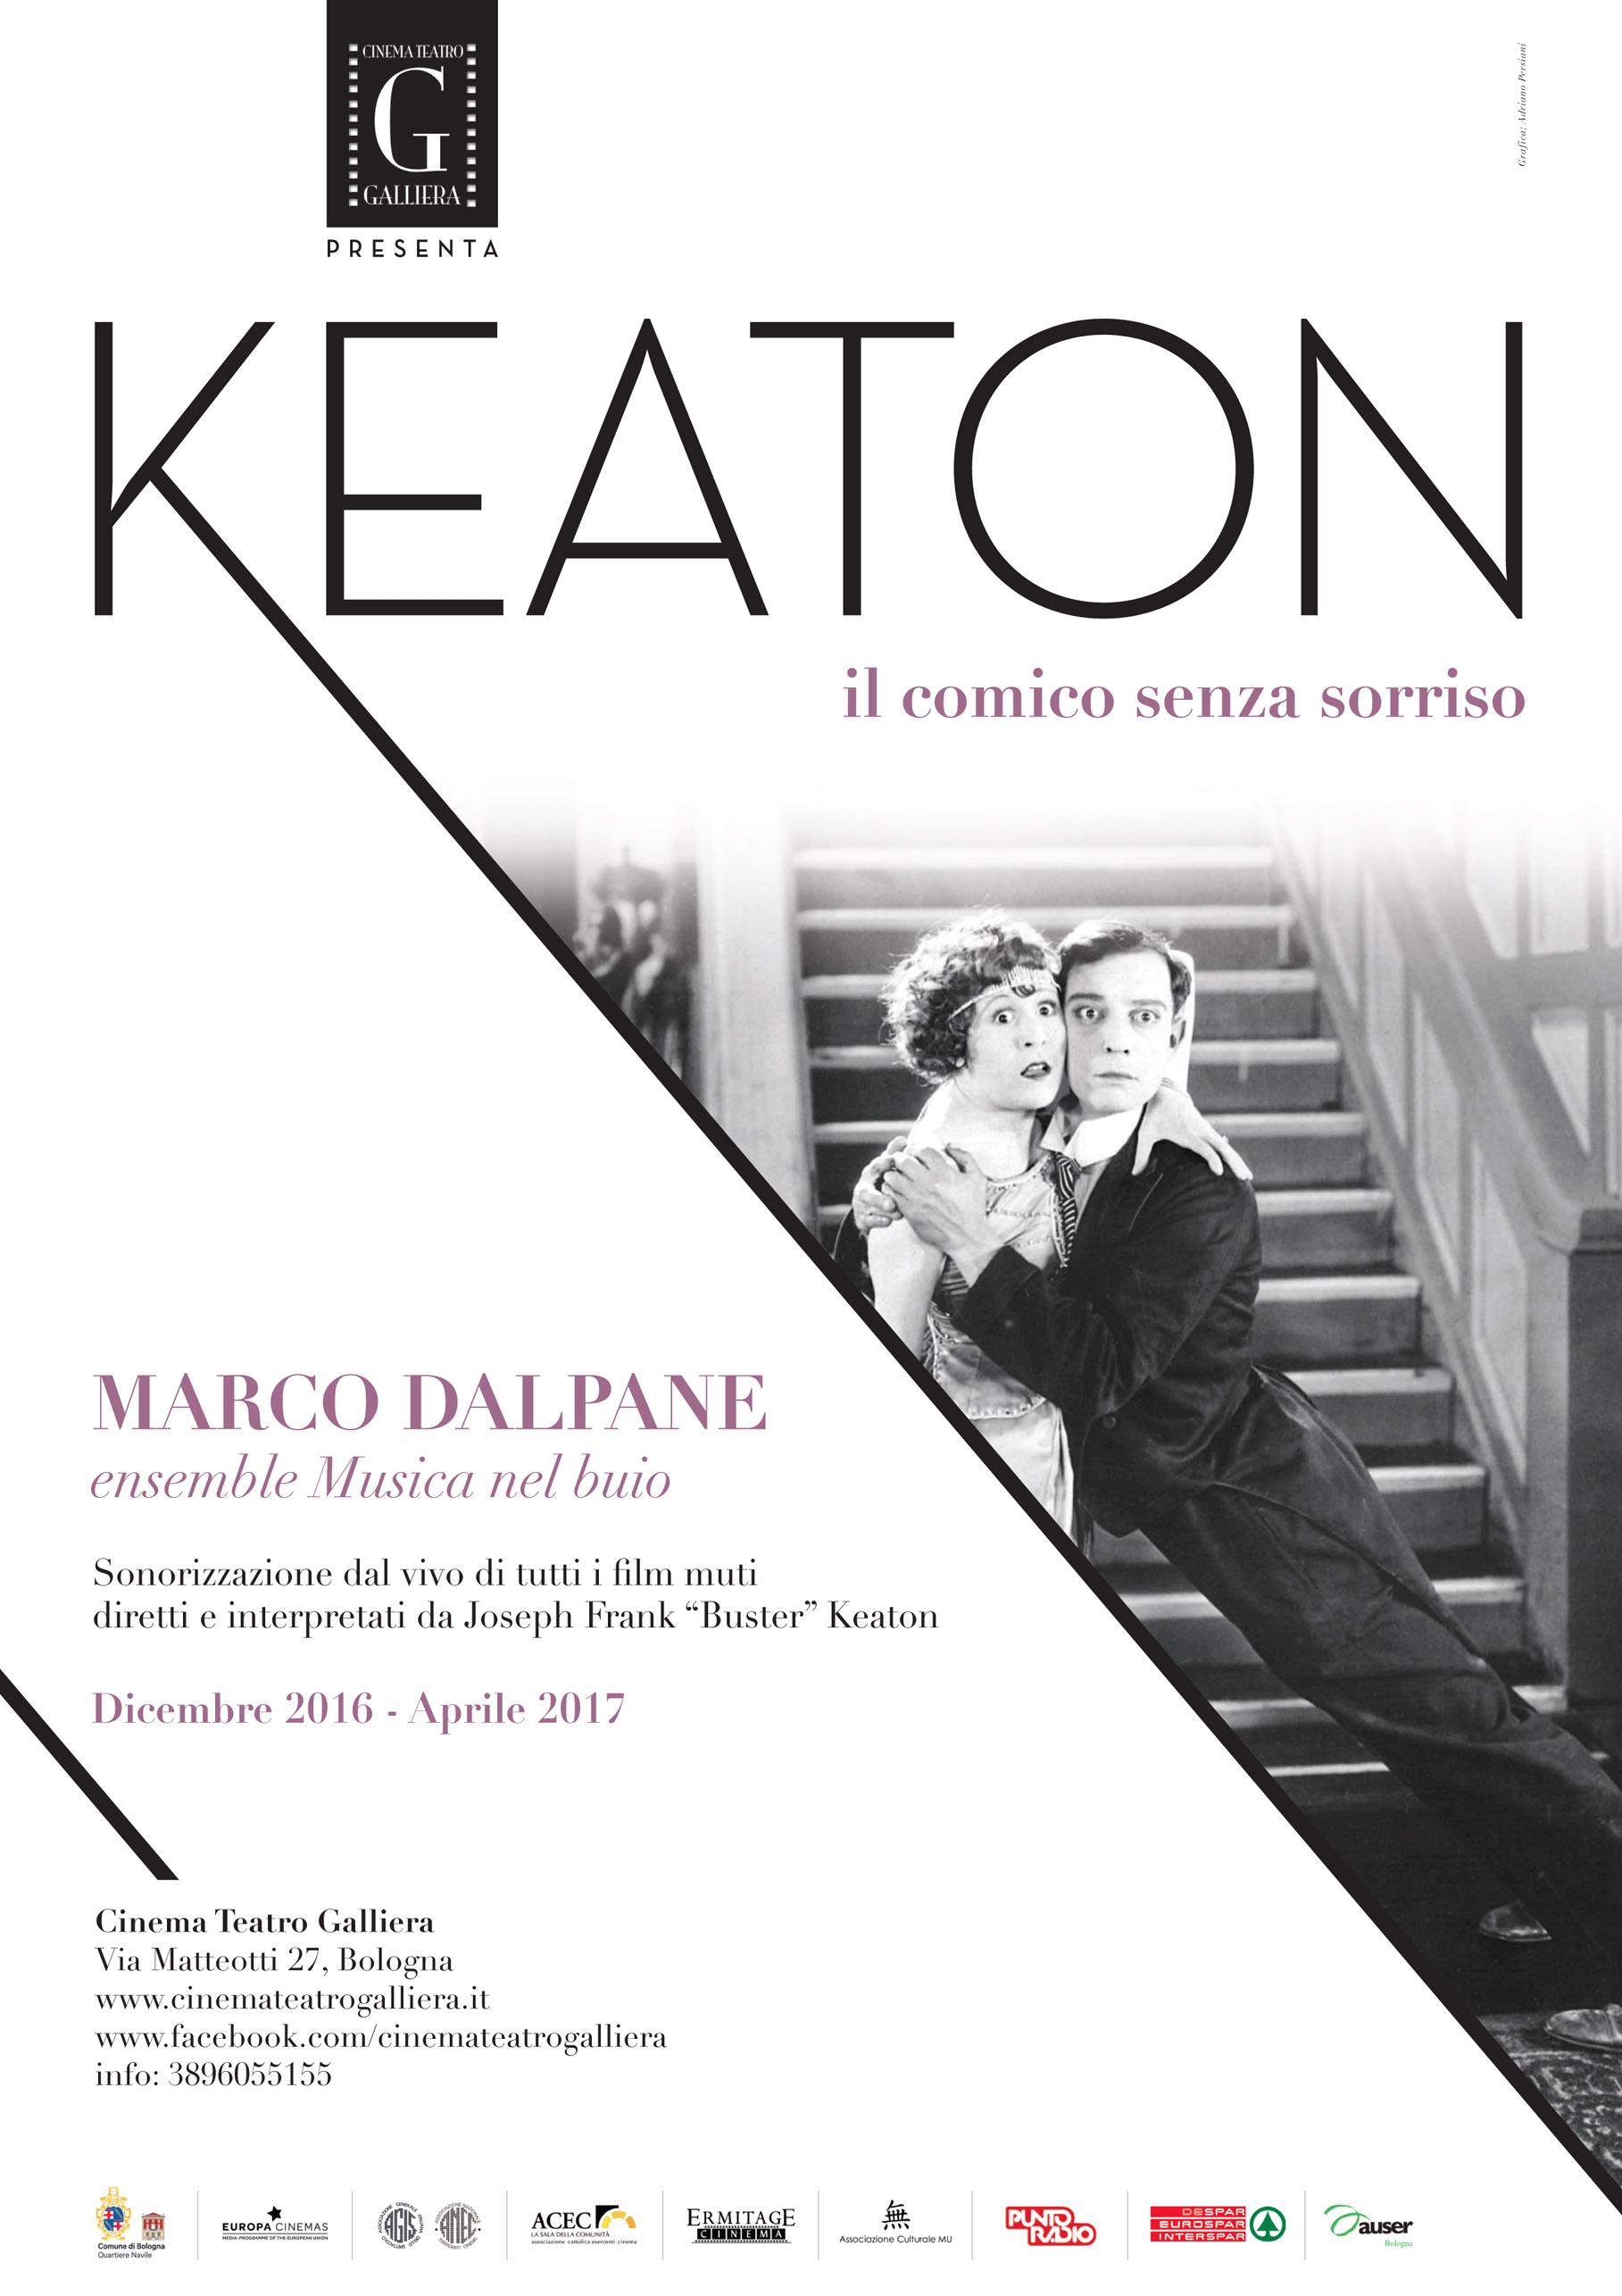 KEATON IL COMICO SENZA SORRISO